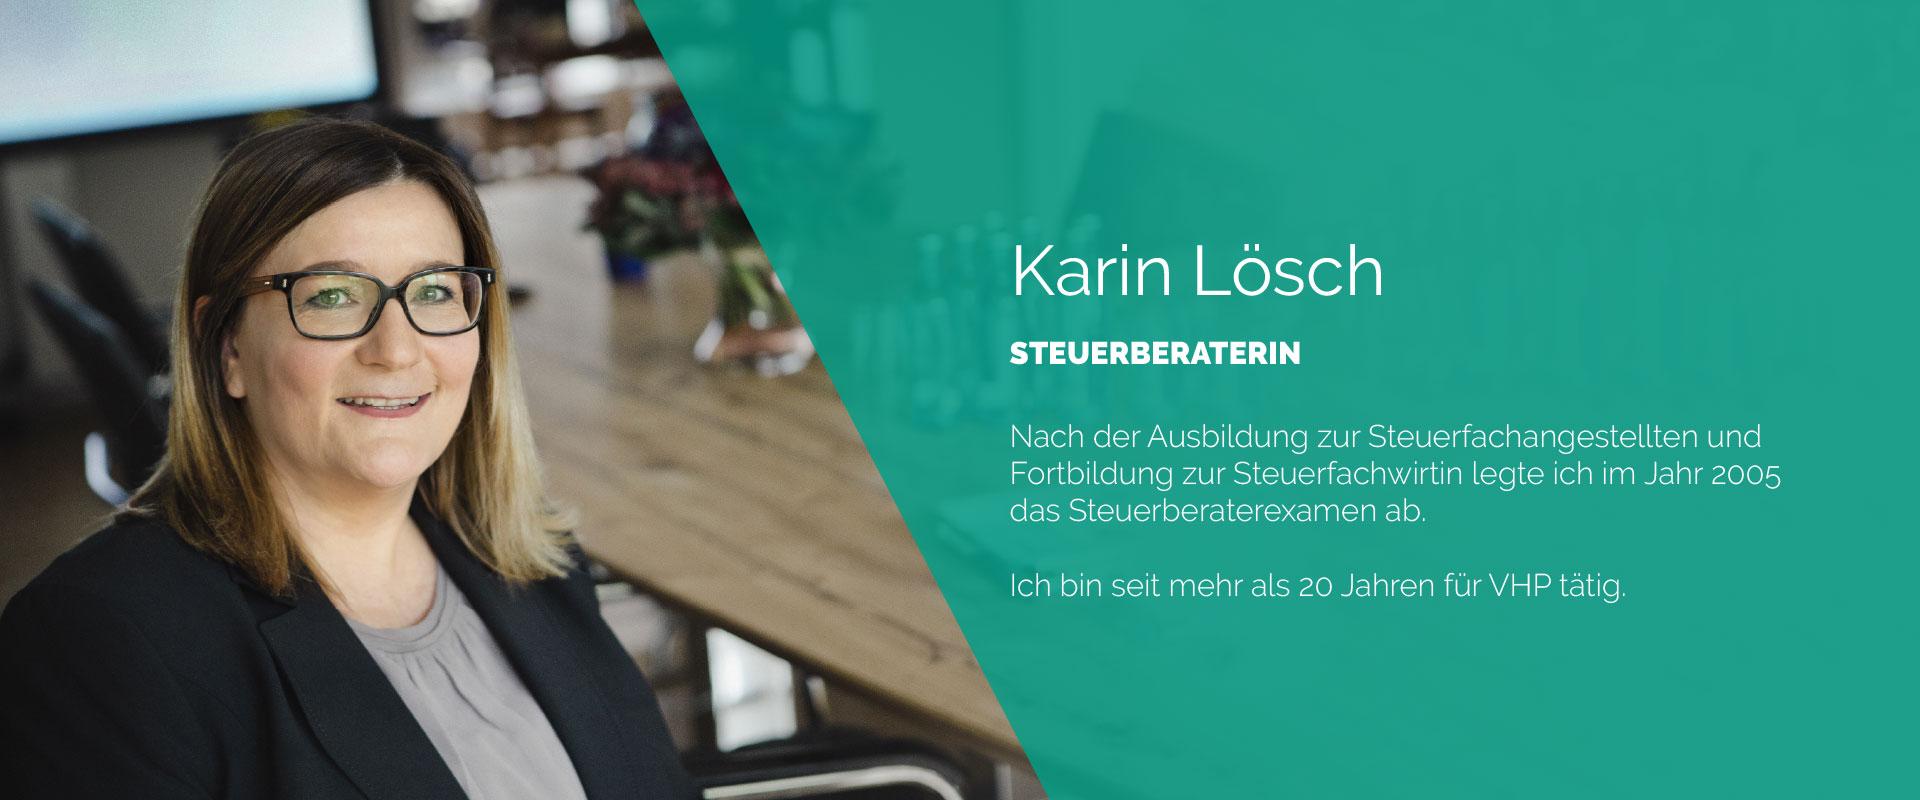 KarinLoesch